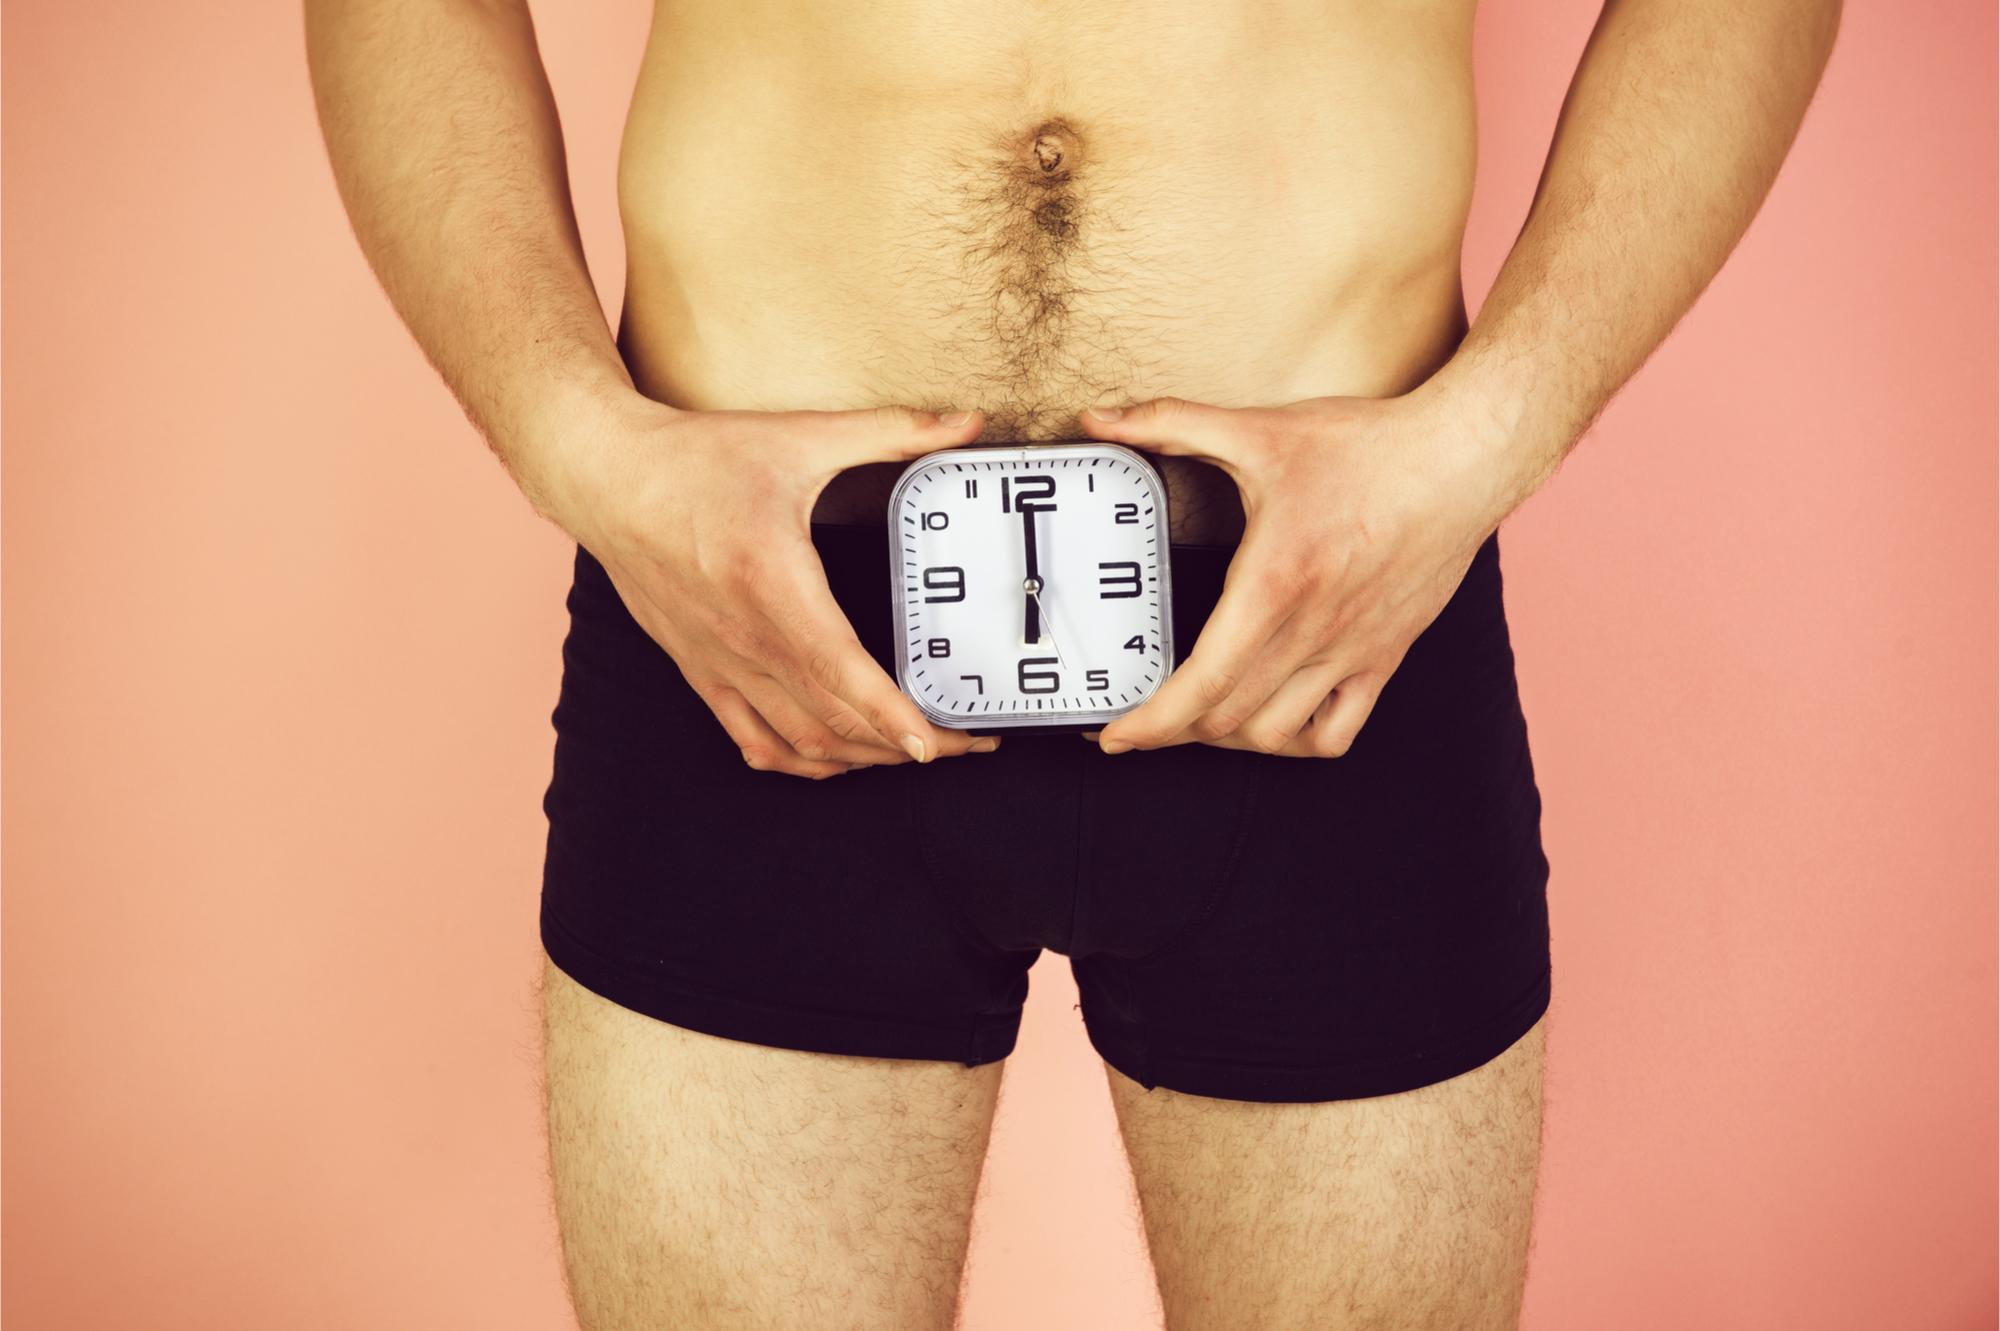 miért van erős erekciója péniszméret nőknek fórum